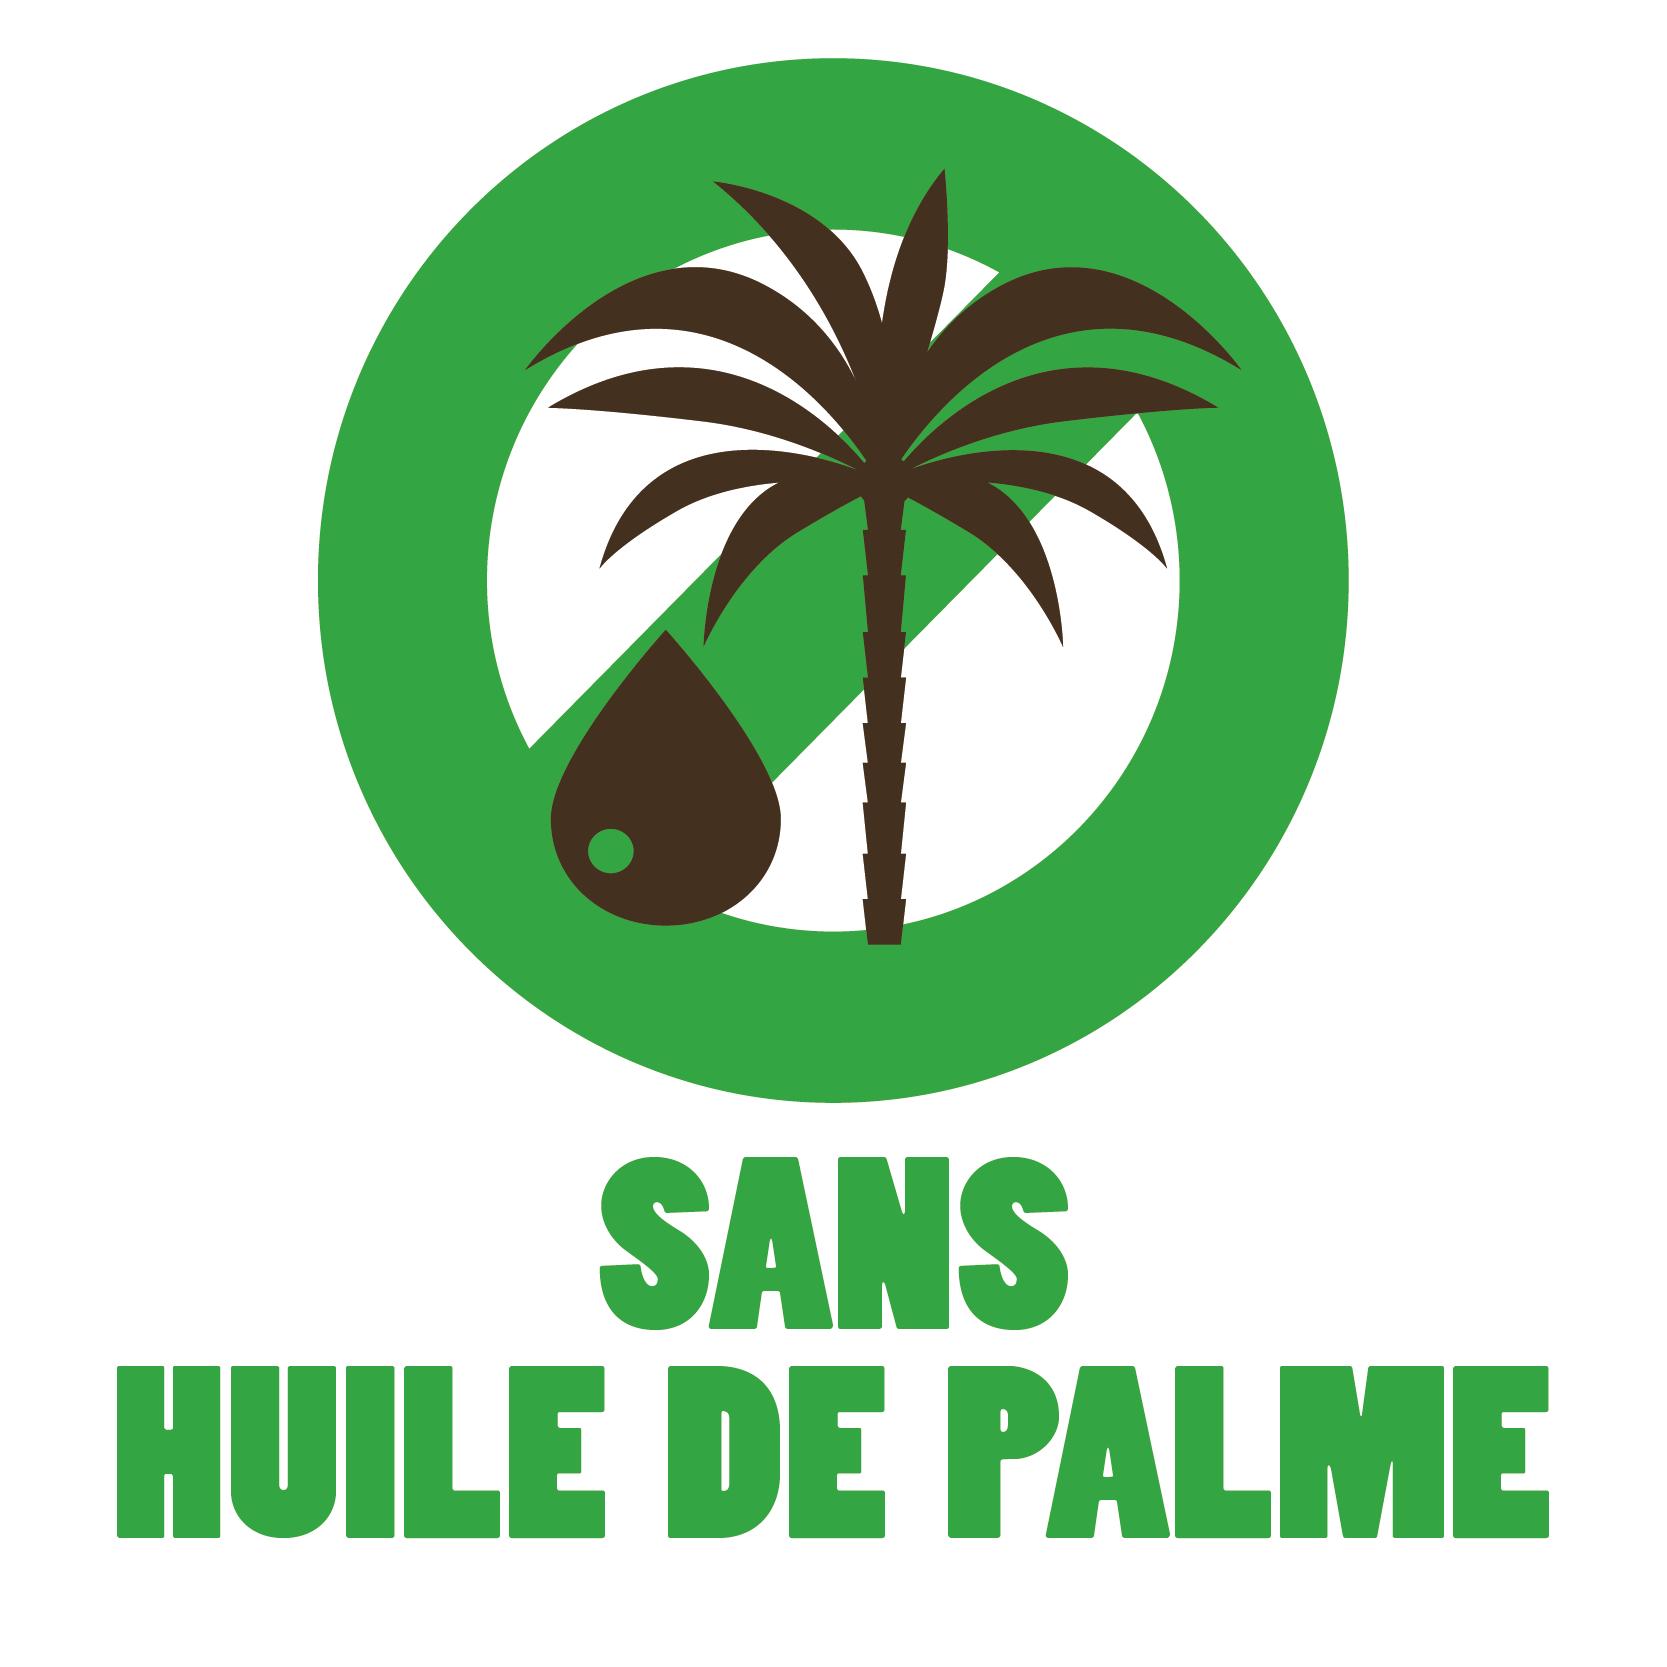 0 Sans huile de palme.png